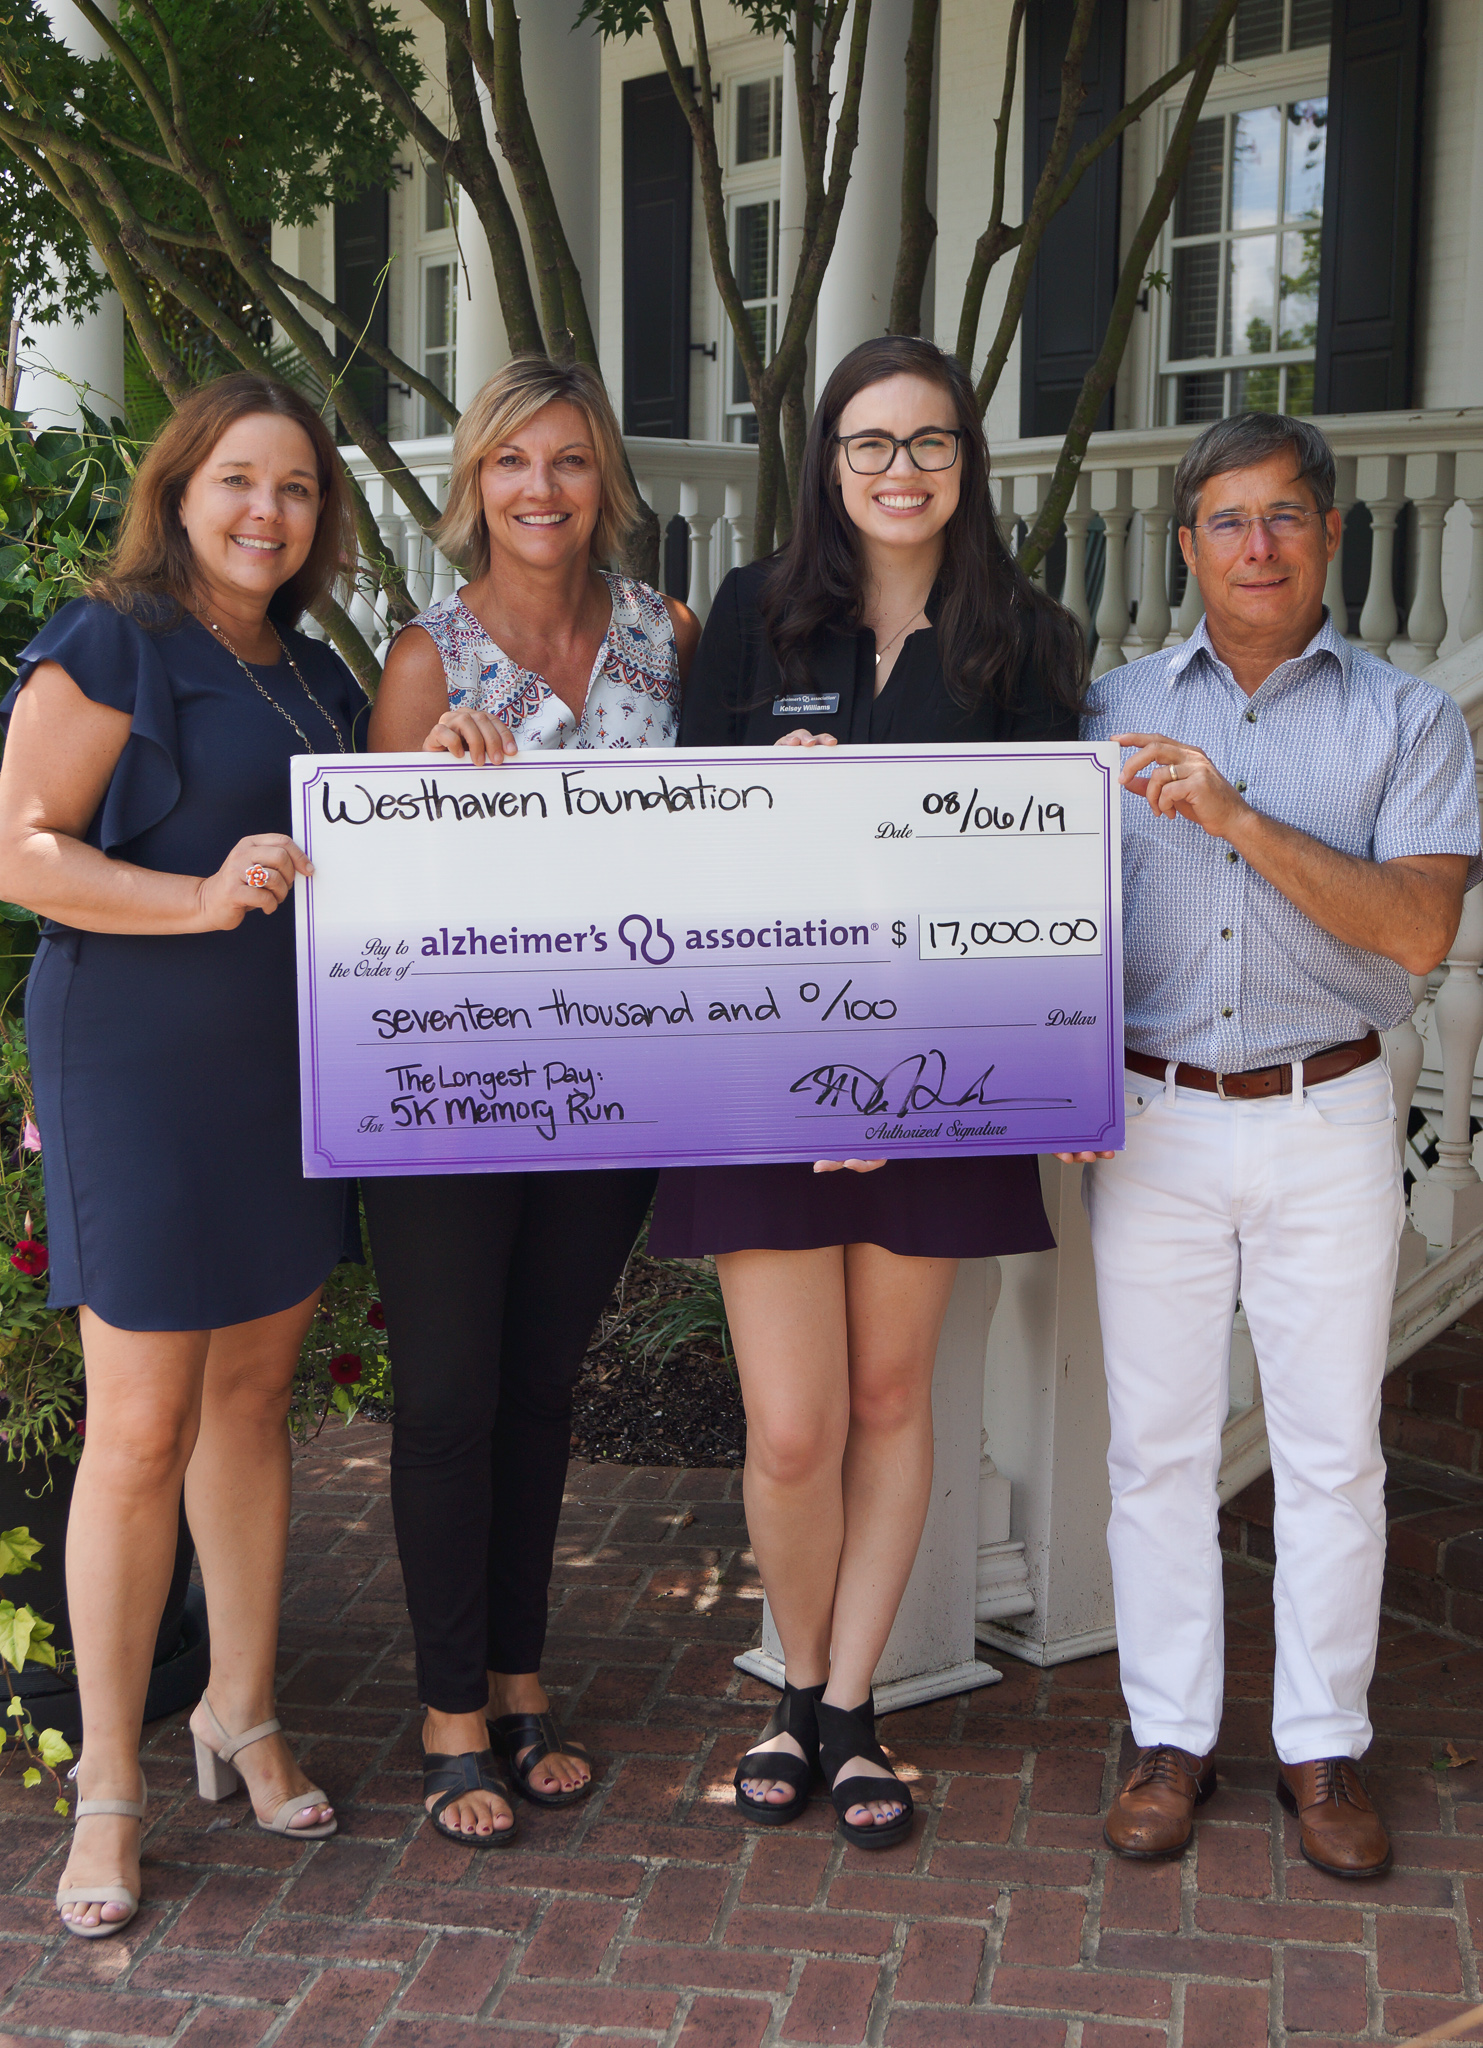 5K Memory Run raises $17K for Alzheimer's Association